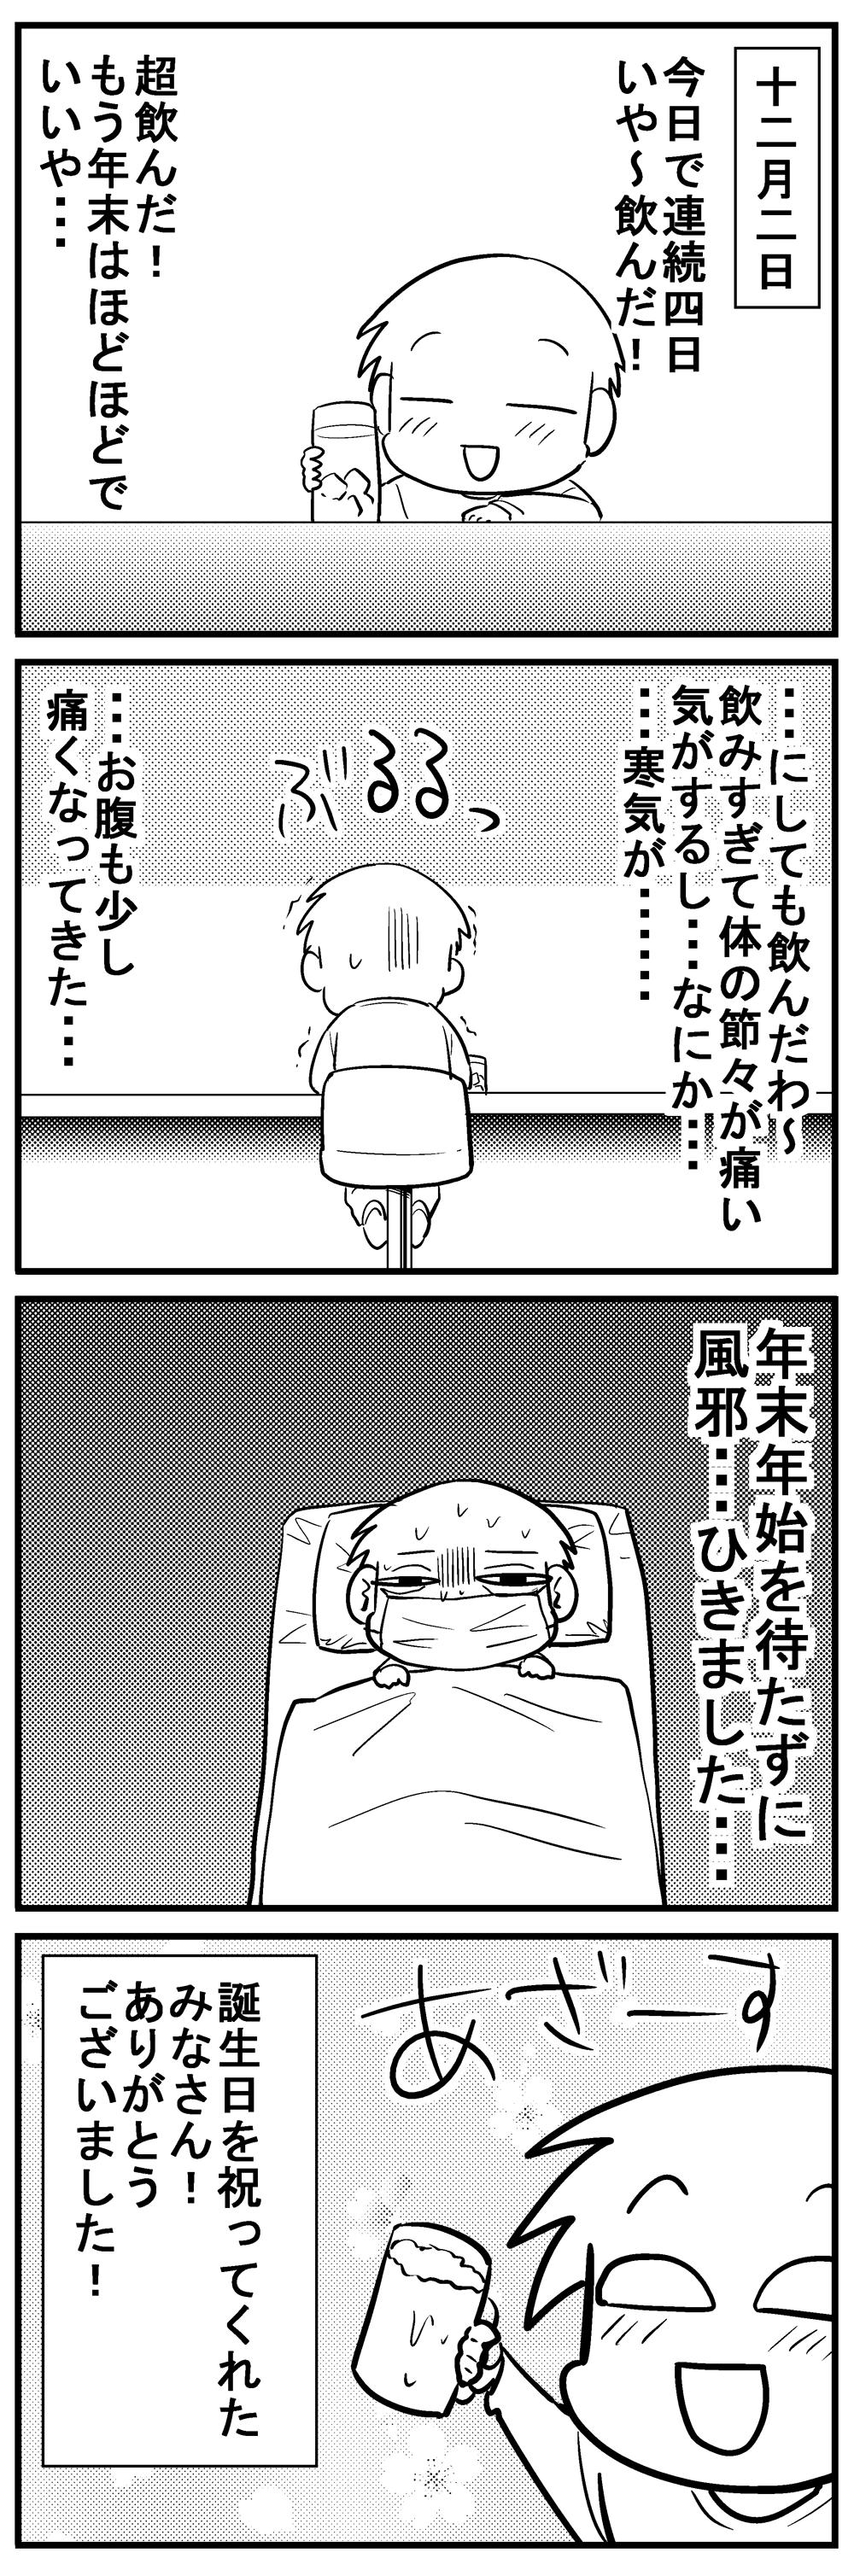 深読みくん105-4